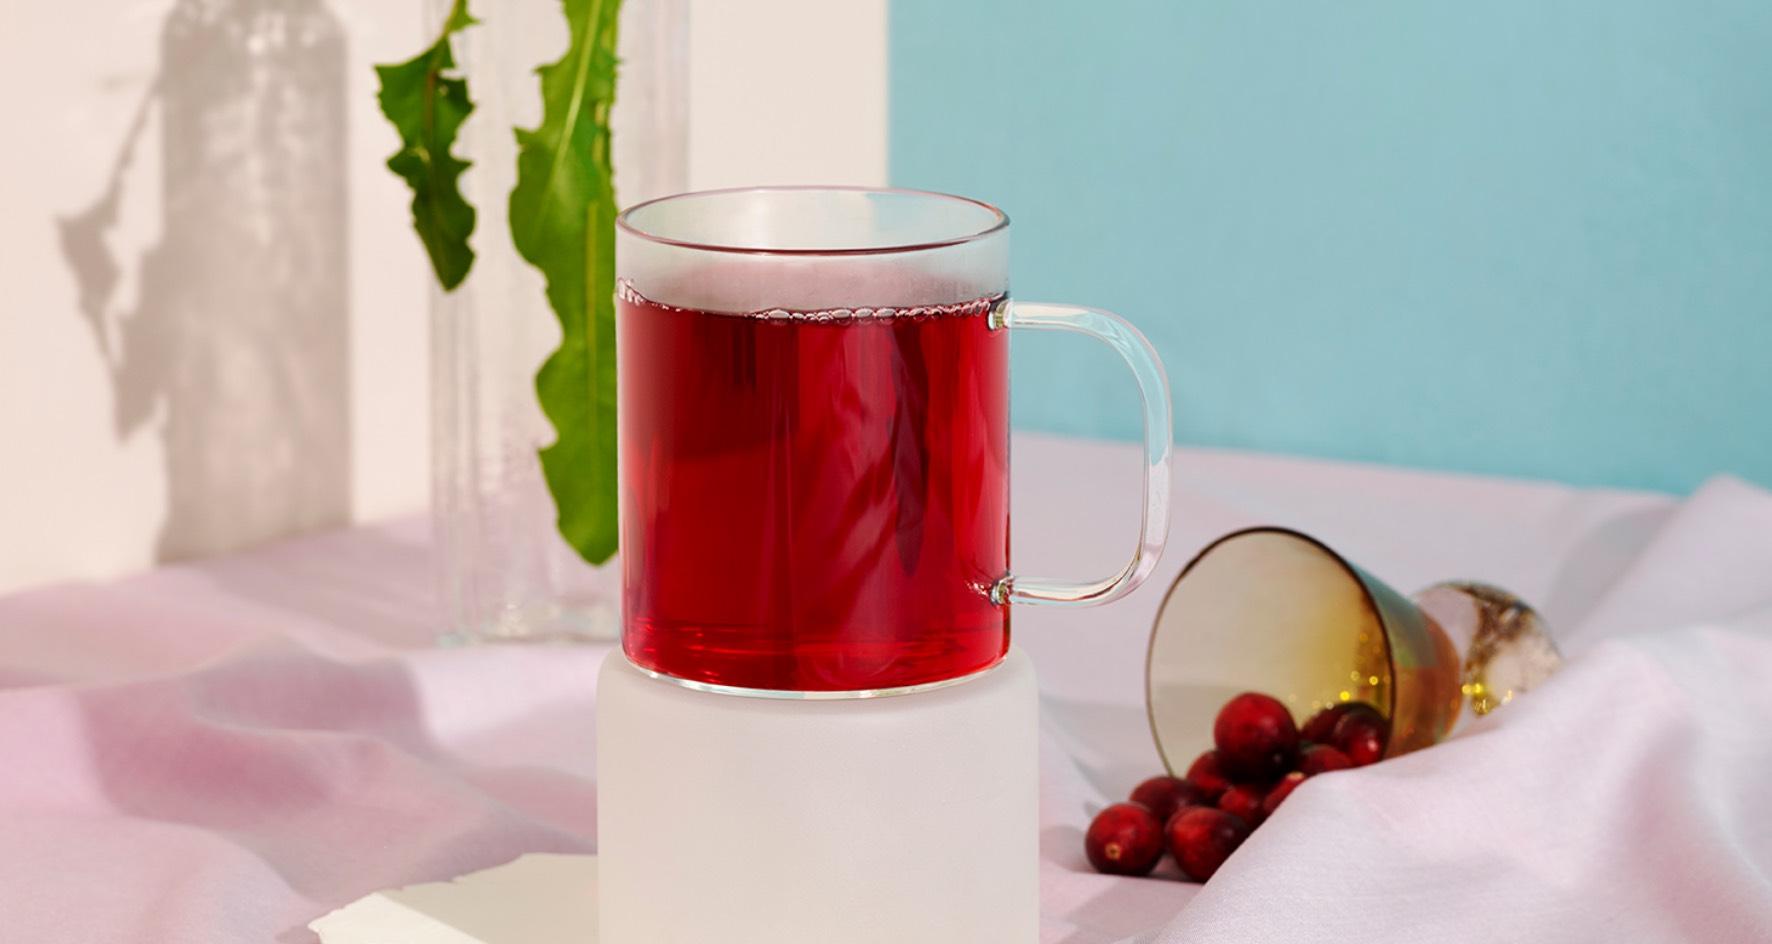 Une tasse transparente remplie de thé Détox aux canneberges.